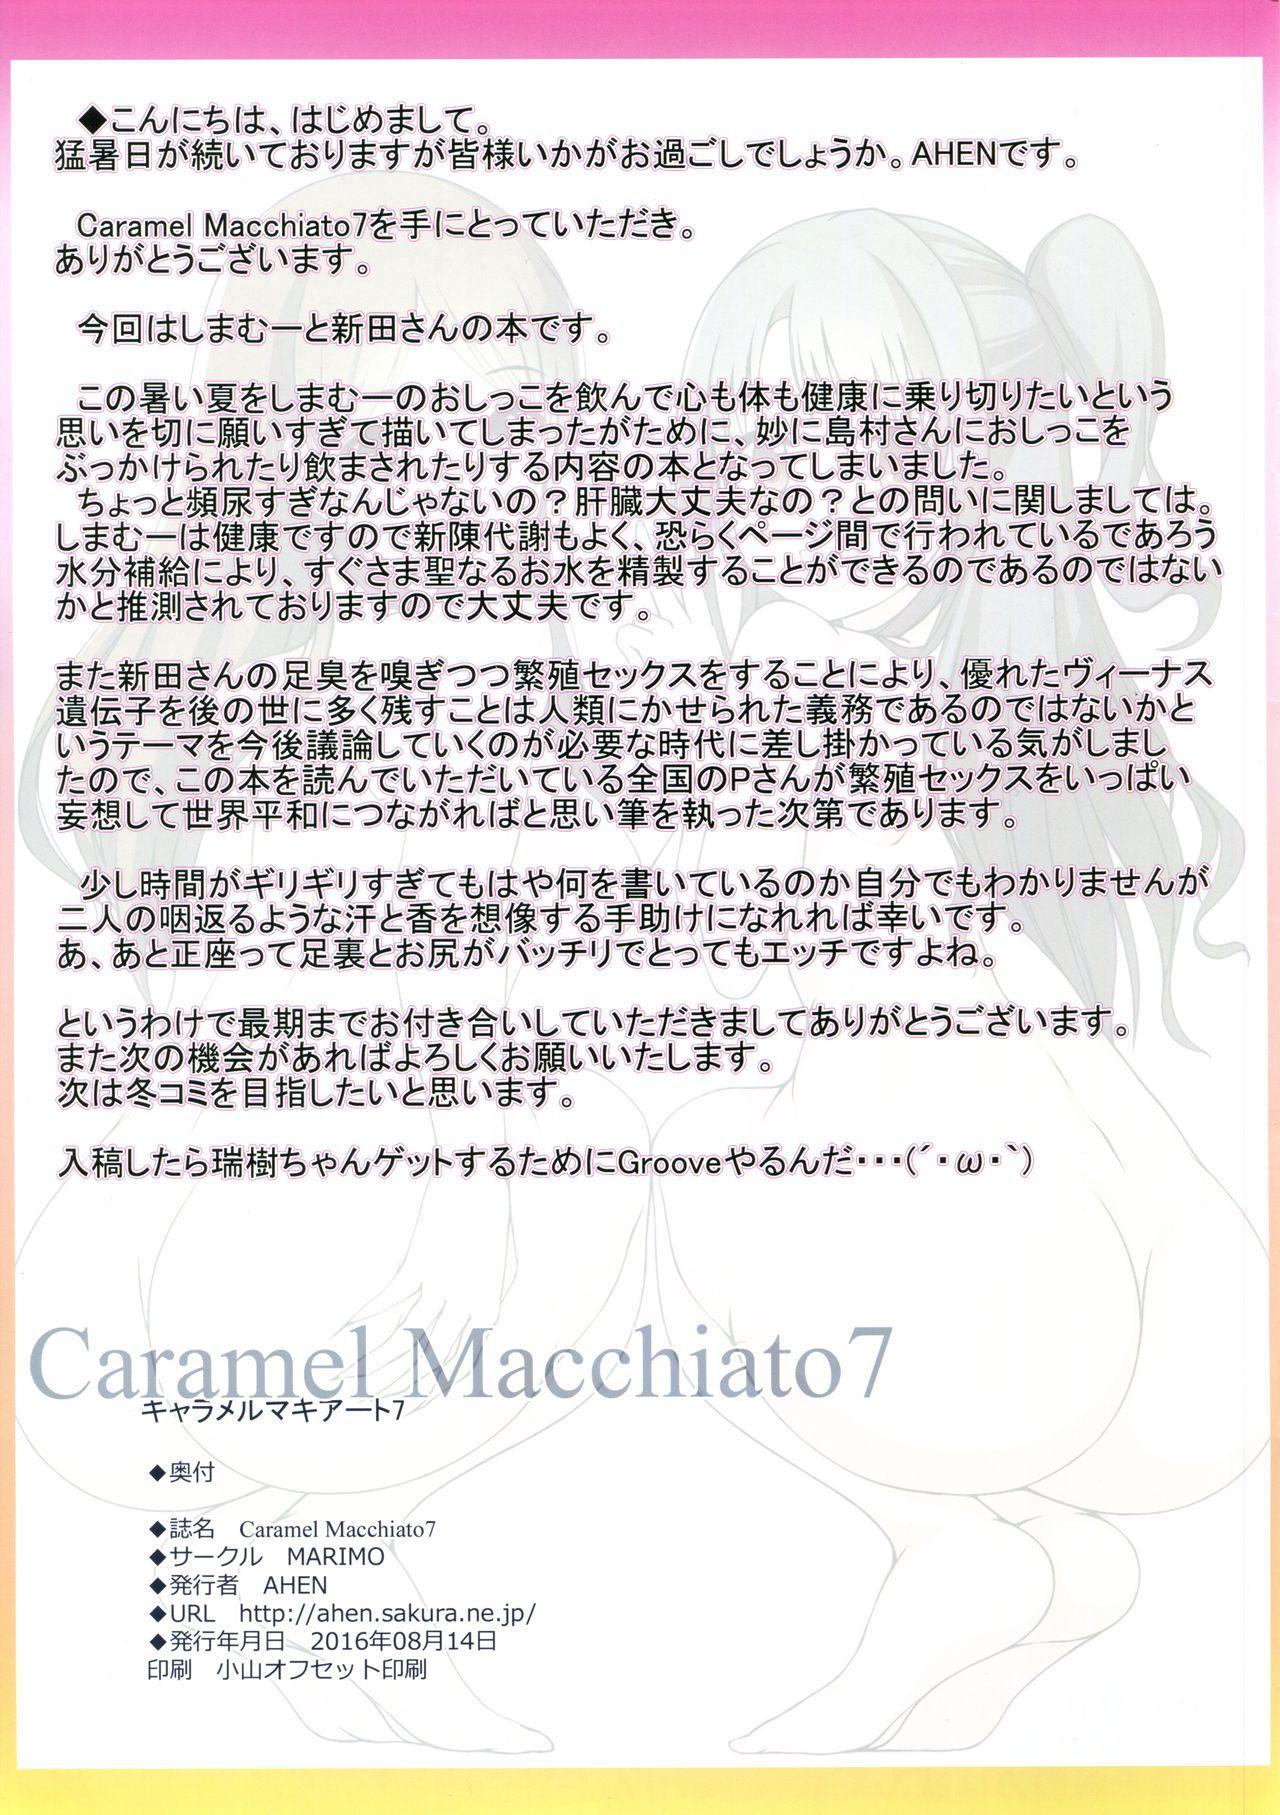 Caramel Macchiato 7 14